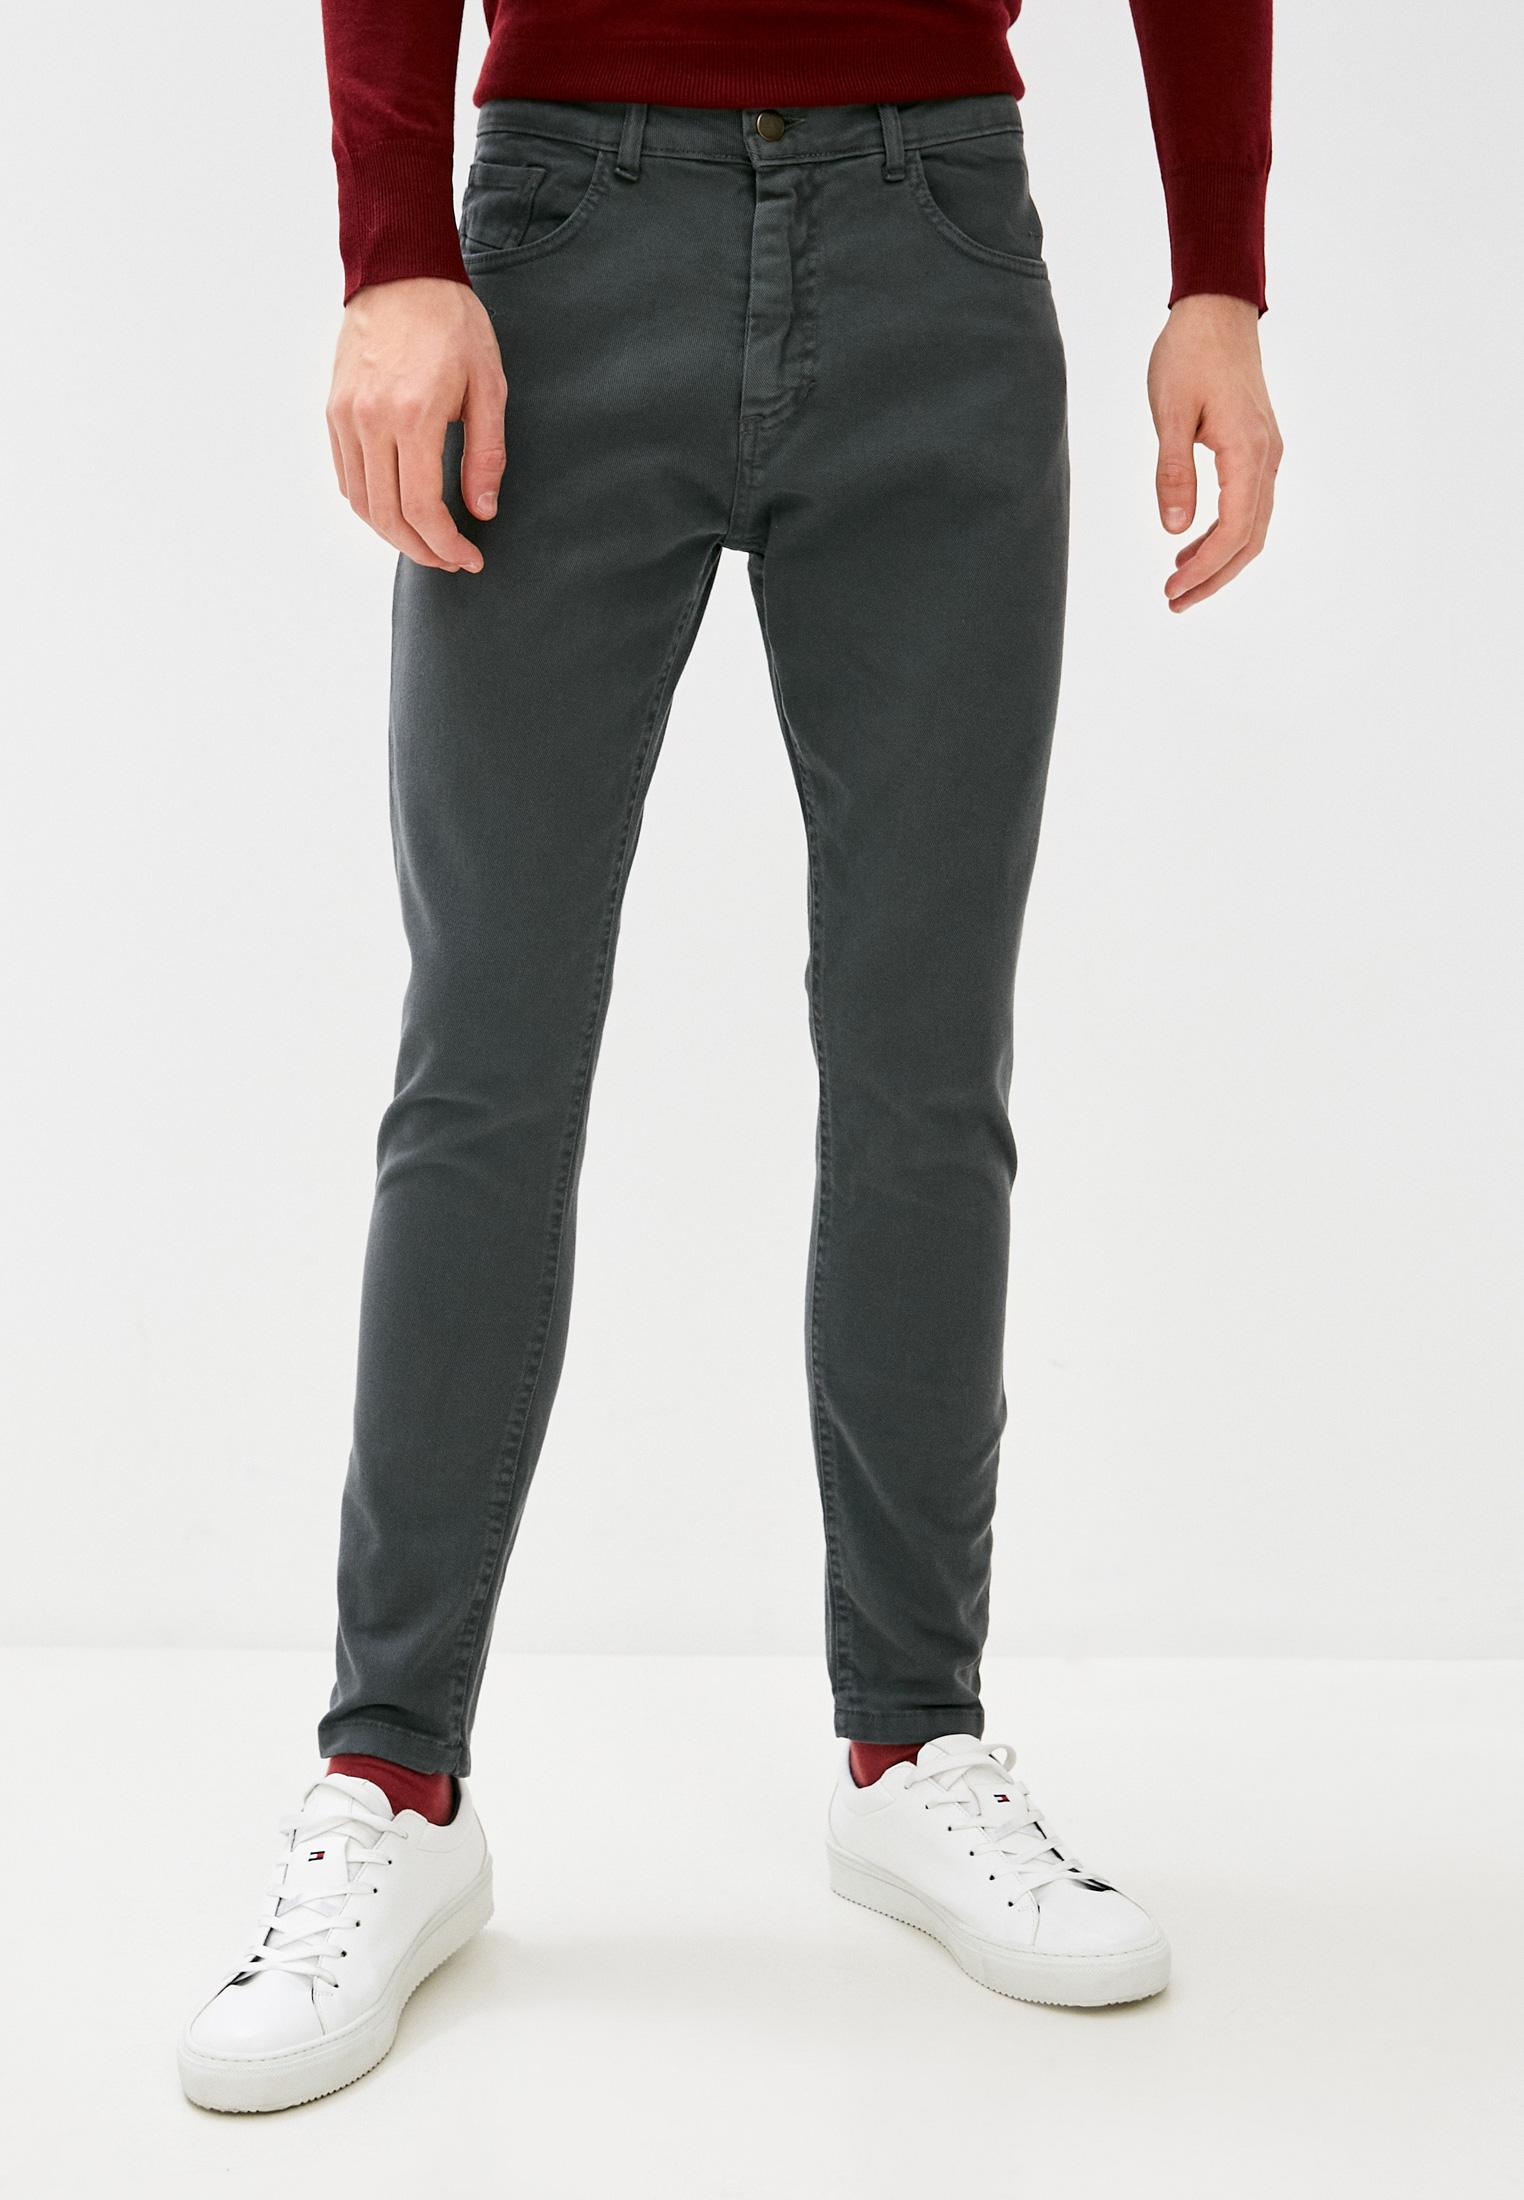 Зауженные джинсы Miguel Bharross MBL01602